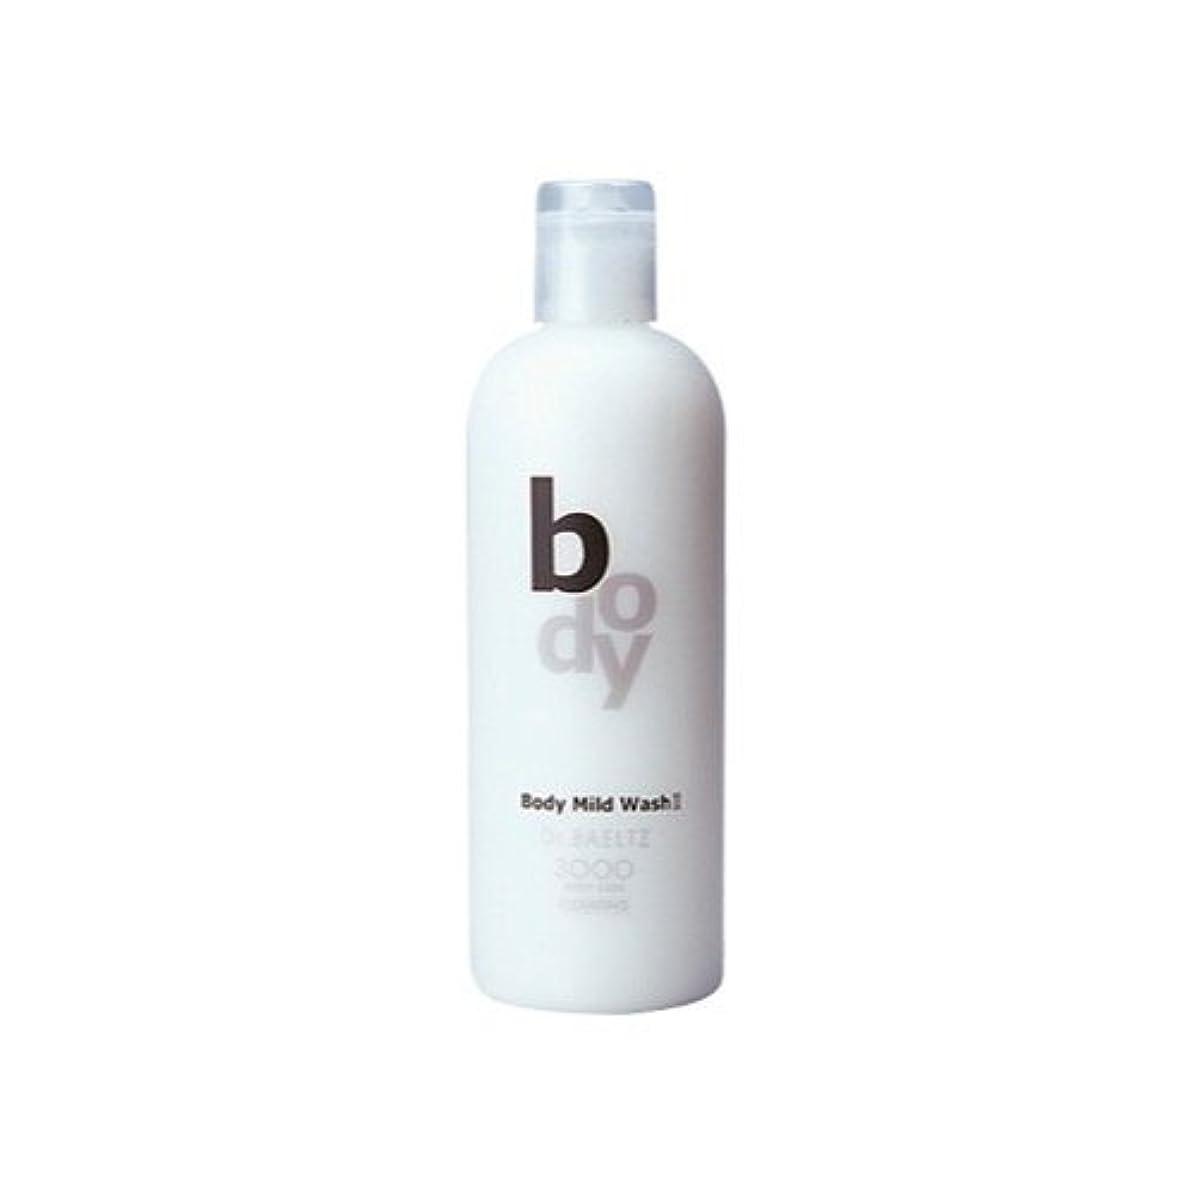 過激派風味蒸気ドクターベルツ(Dr.BAELTZ) 薬用ボディマイルドウオッシュII 400ml(医薬部外品 全身洗浄料)